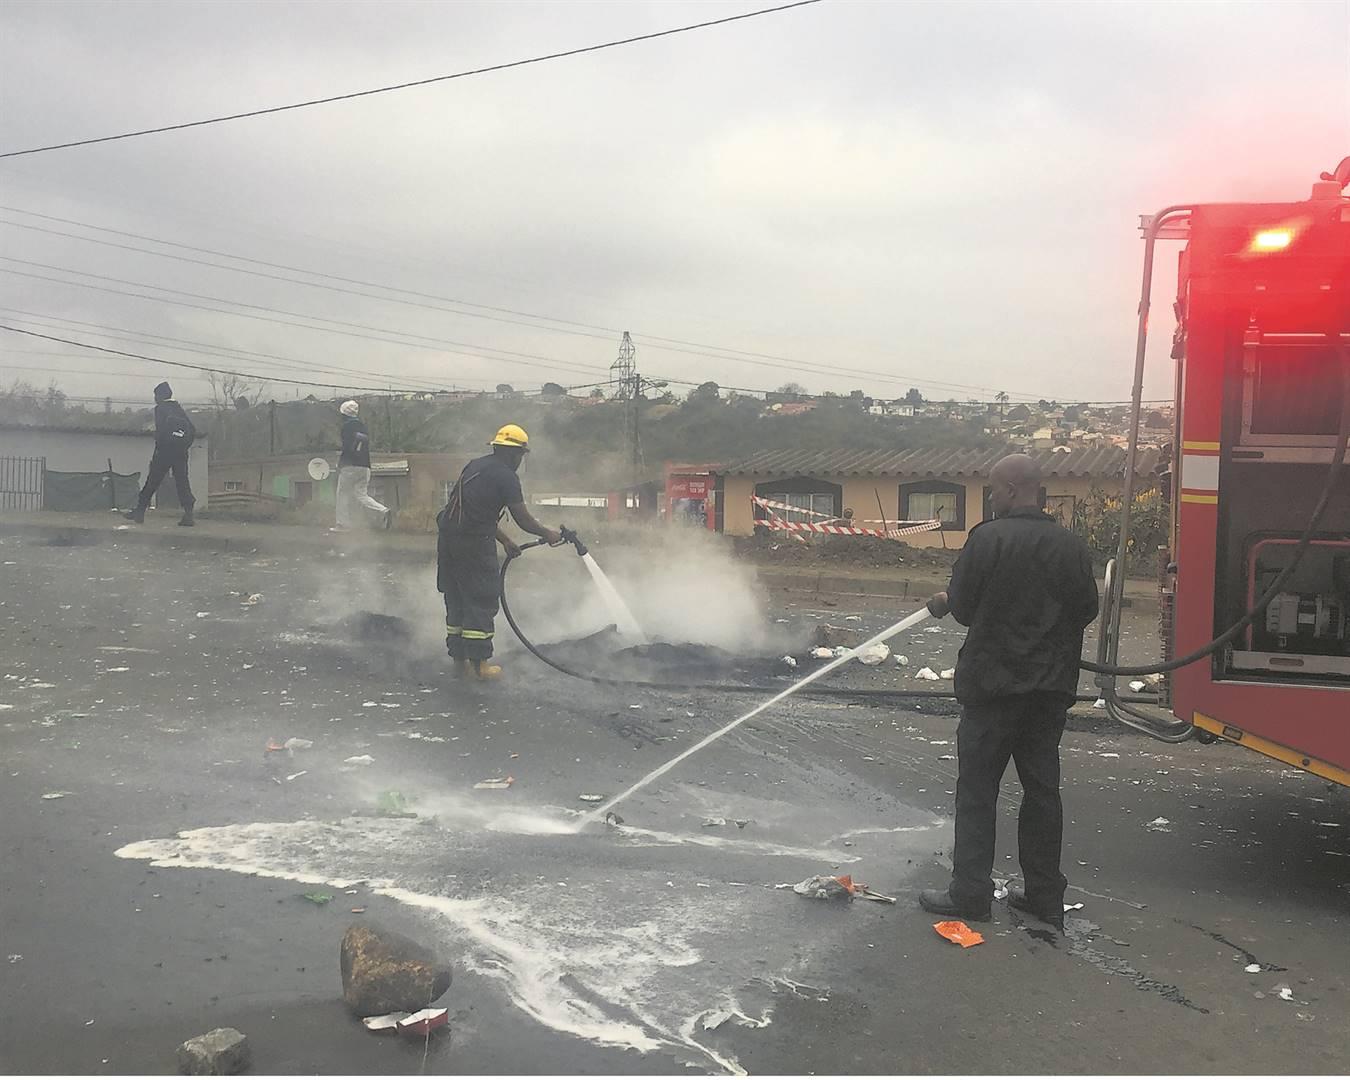 Msunduzi firefighters extinguishing burning debris following a protest on Skhumbuzo Ngwenya Road on Monday morning.